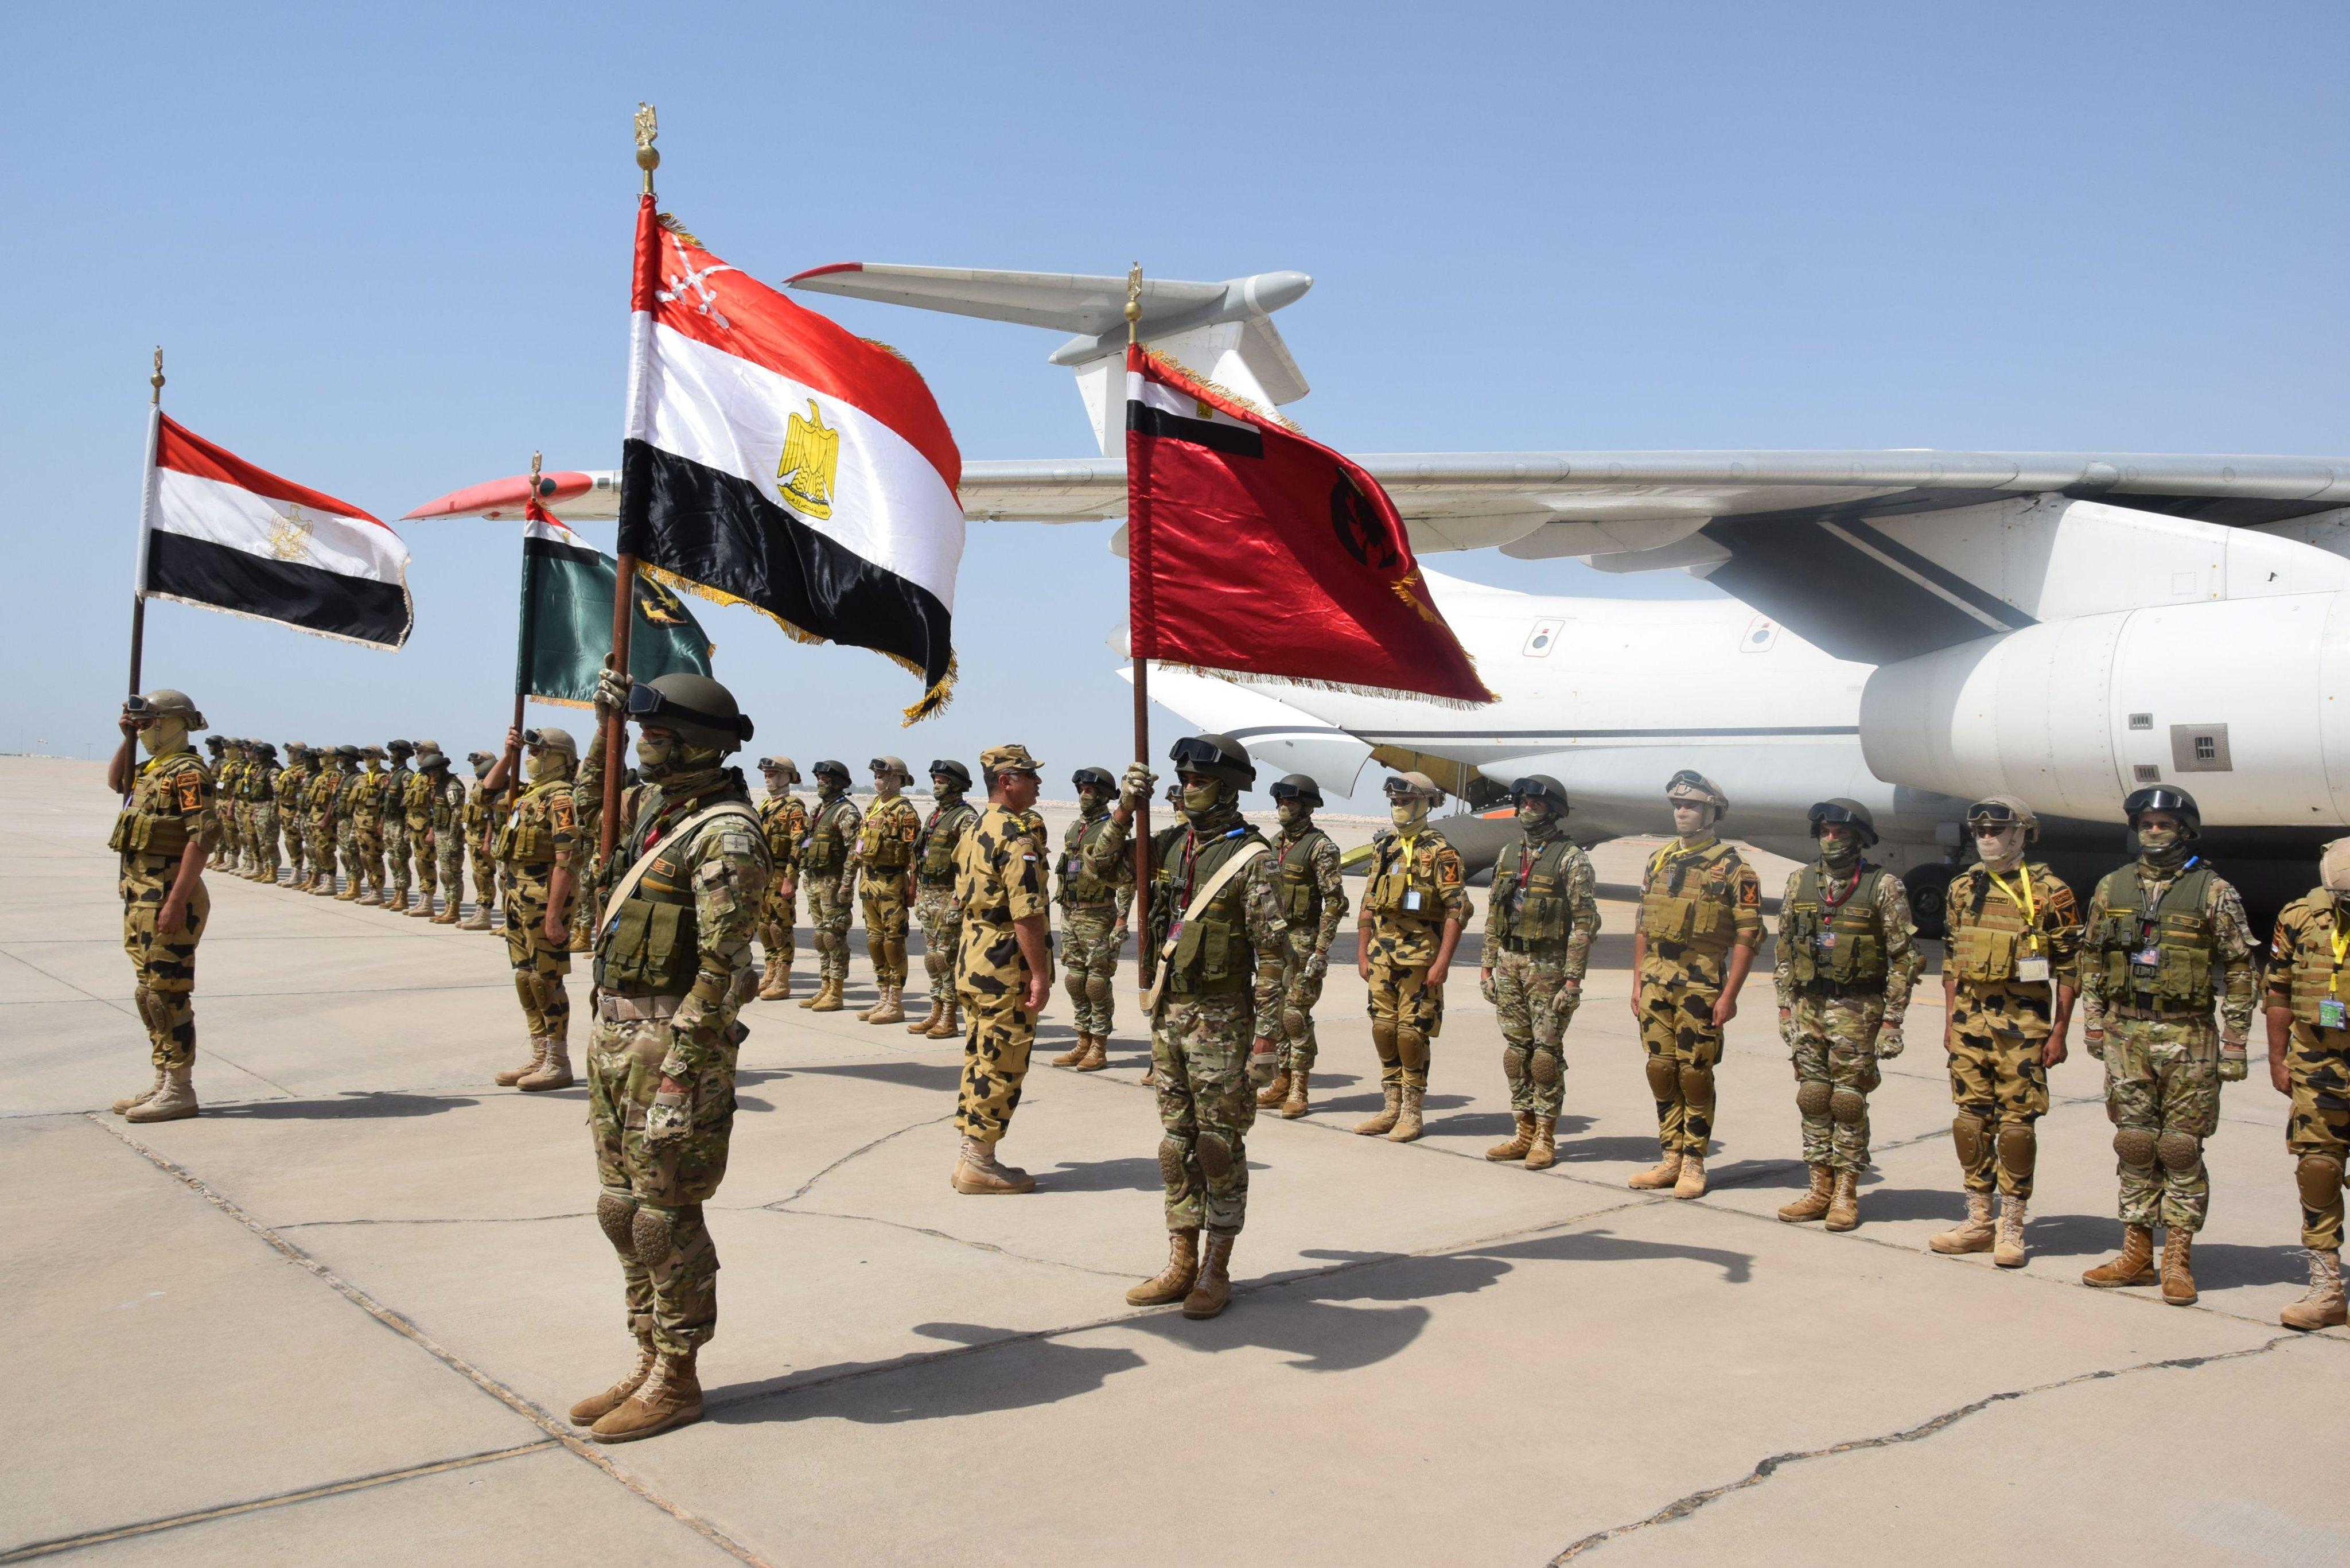 """انطلاق التمرين العسكري """"زايد 3"""" بين الإمارات ومصر E151l_pXsAU0Sp3?format=jpg&name=4096x4096"""